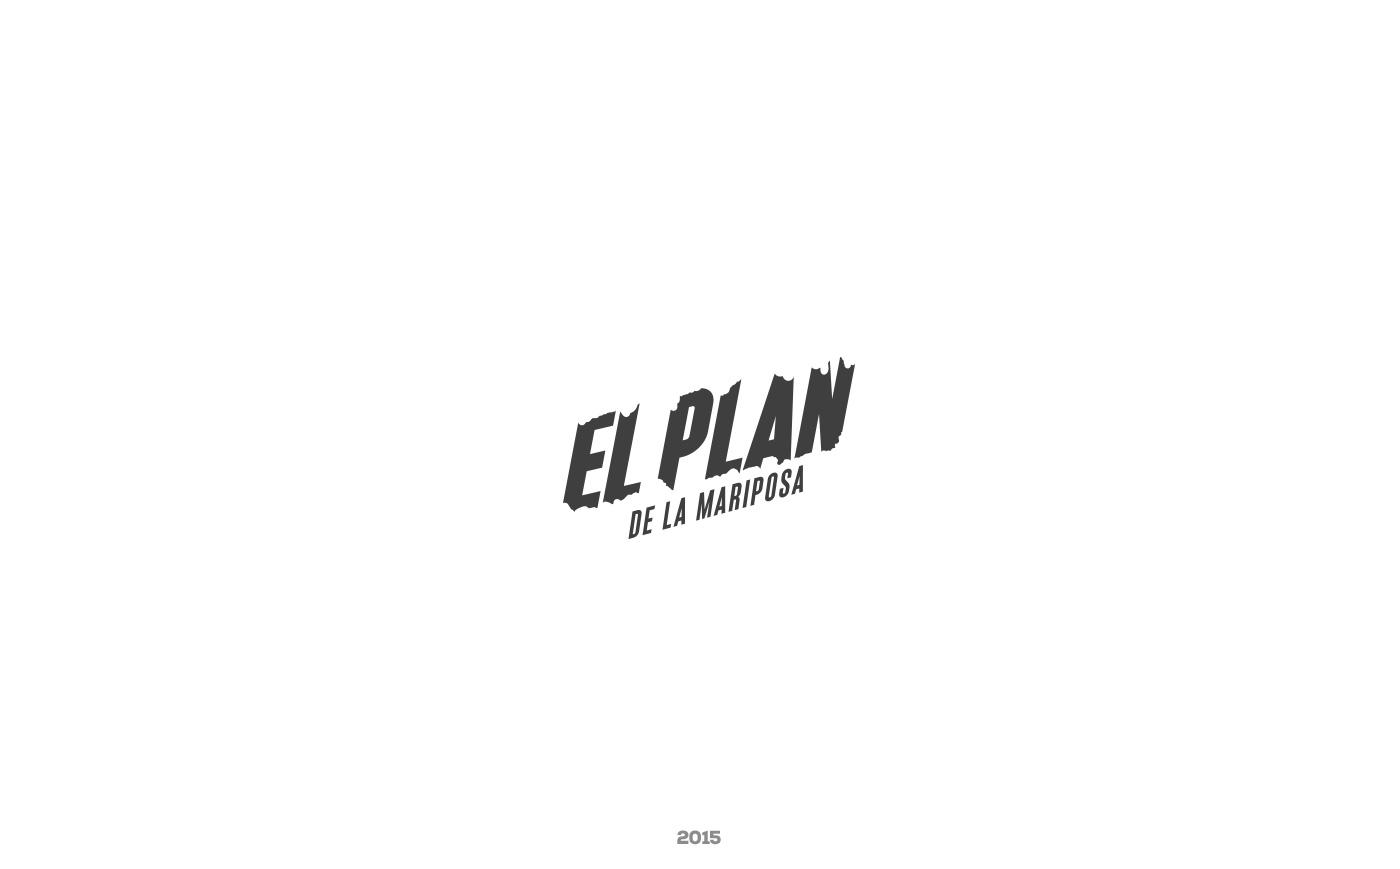 IDENTIDAD-EL-PLAN-DE-LA-MARIPOSA-2015-02